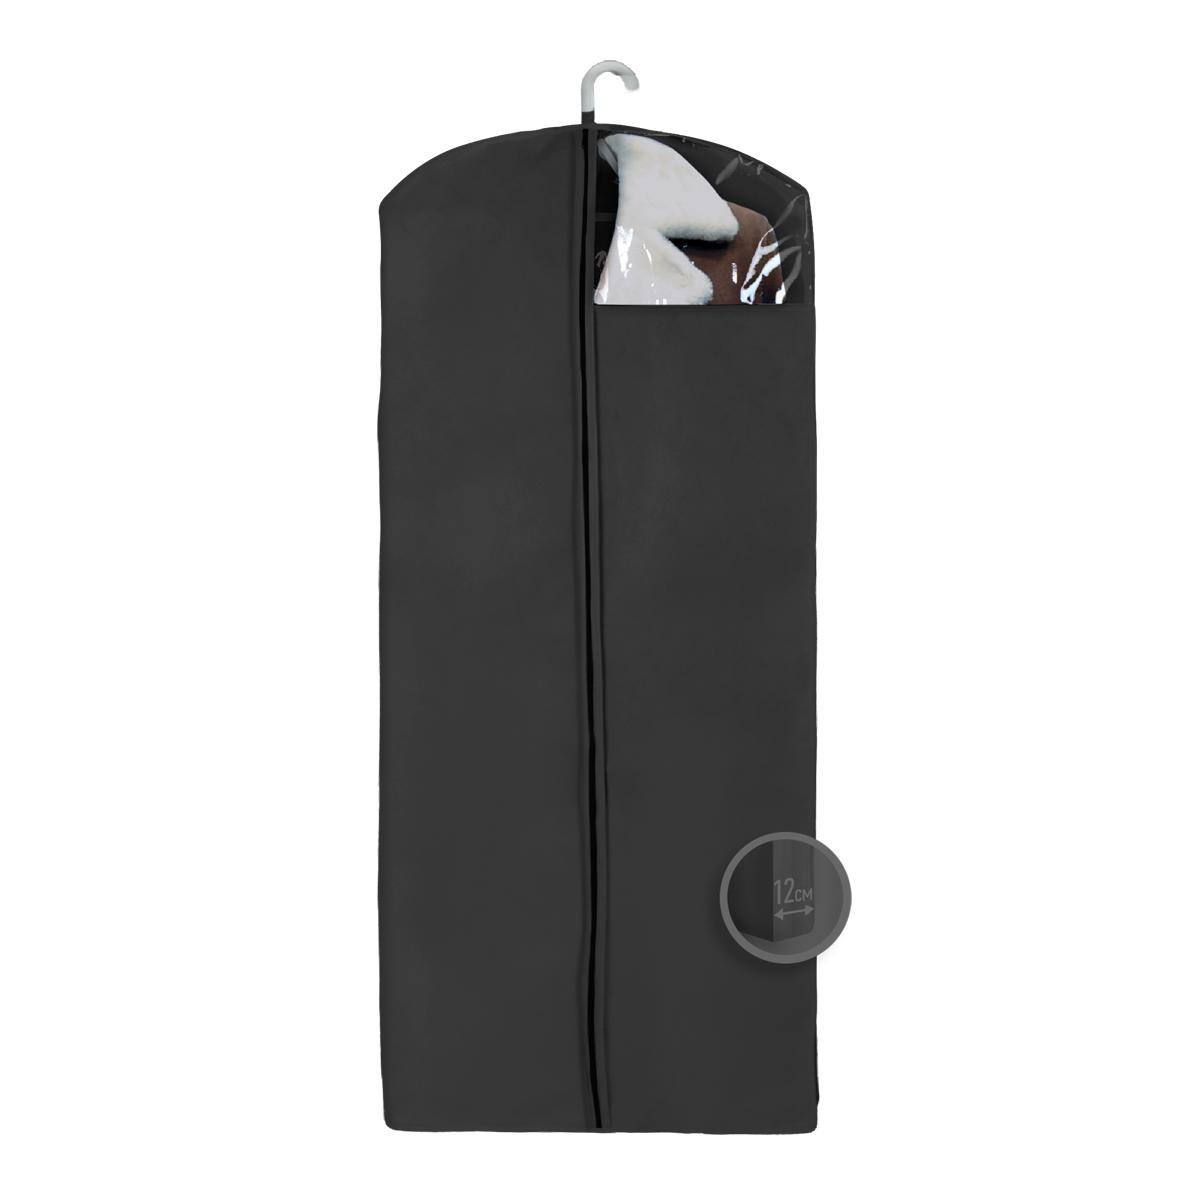 Чехол для верхней одежды Miolla, цвет: черный, 140 х 60 х 12 смCHL-4-4Чехол для верхней одежды 140 x 60 x 12 см. черный